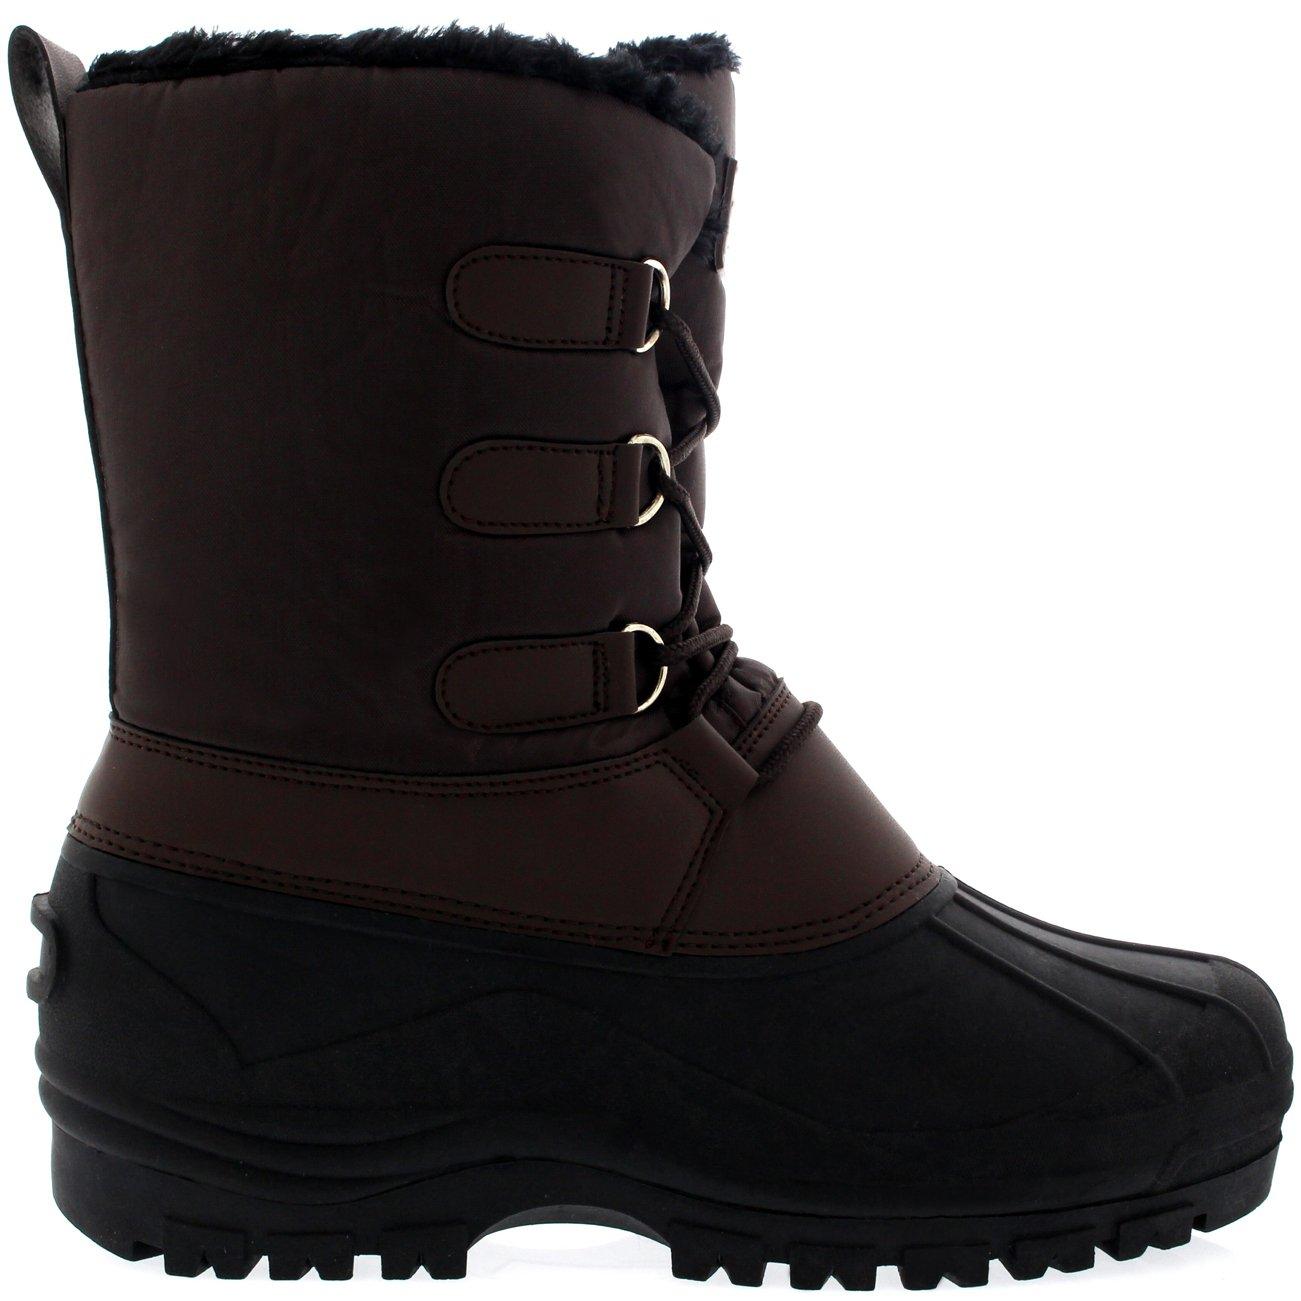 Hombre Cordones Corto Nylon Invierno Nieve Lluvia Cordones Pato Botas: Amazon.es: Zapatos y complementos